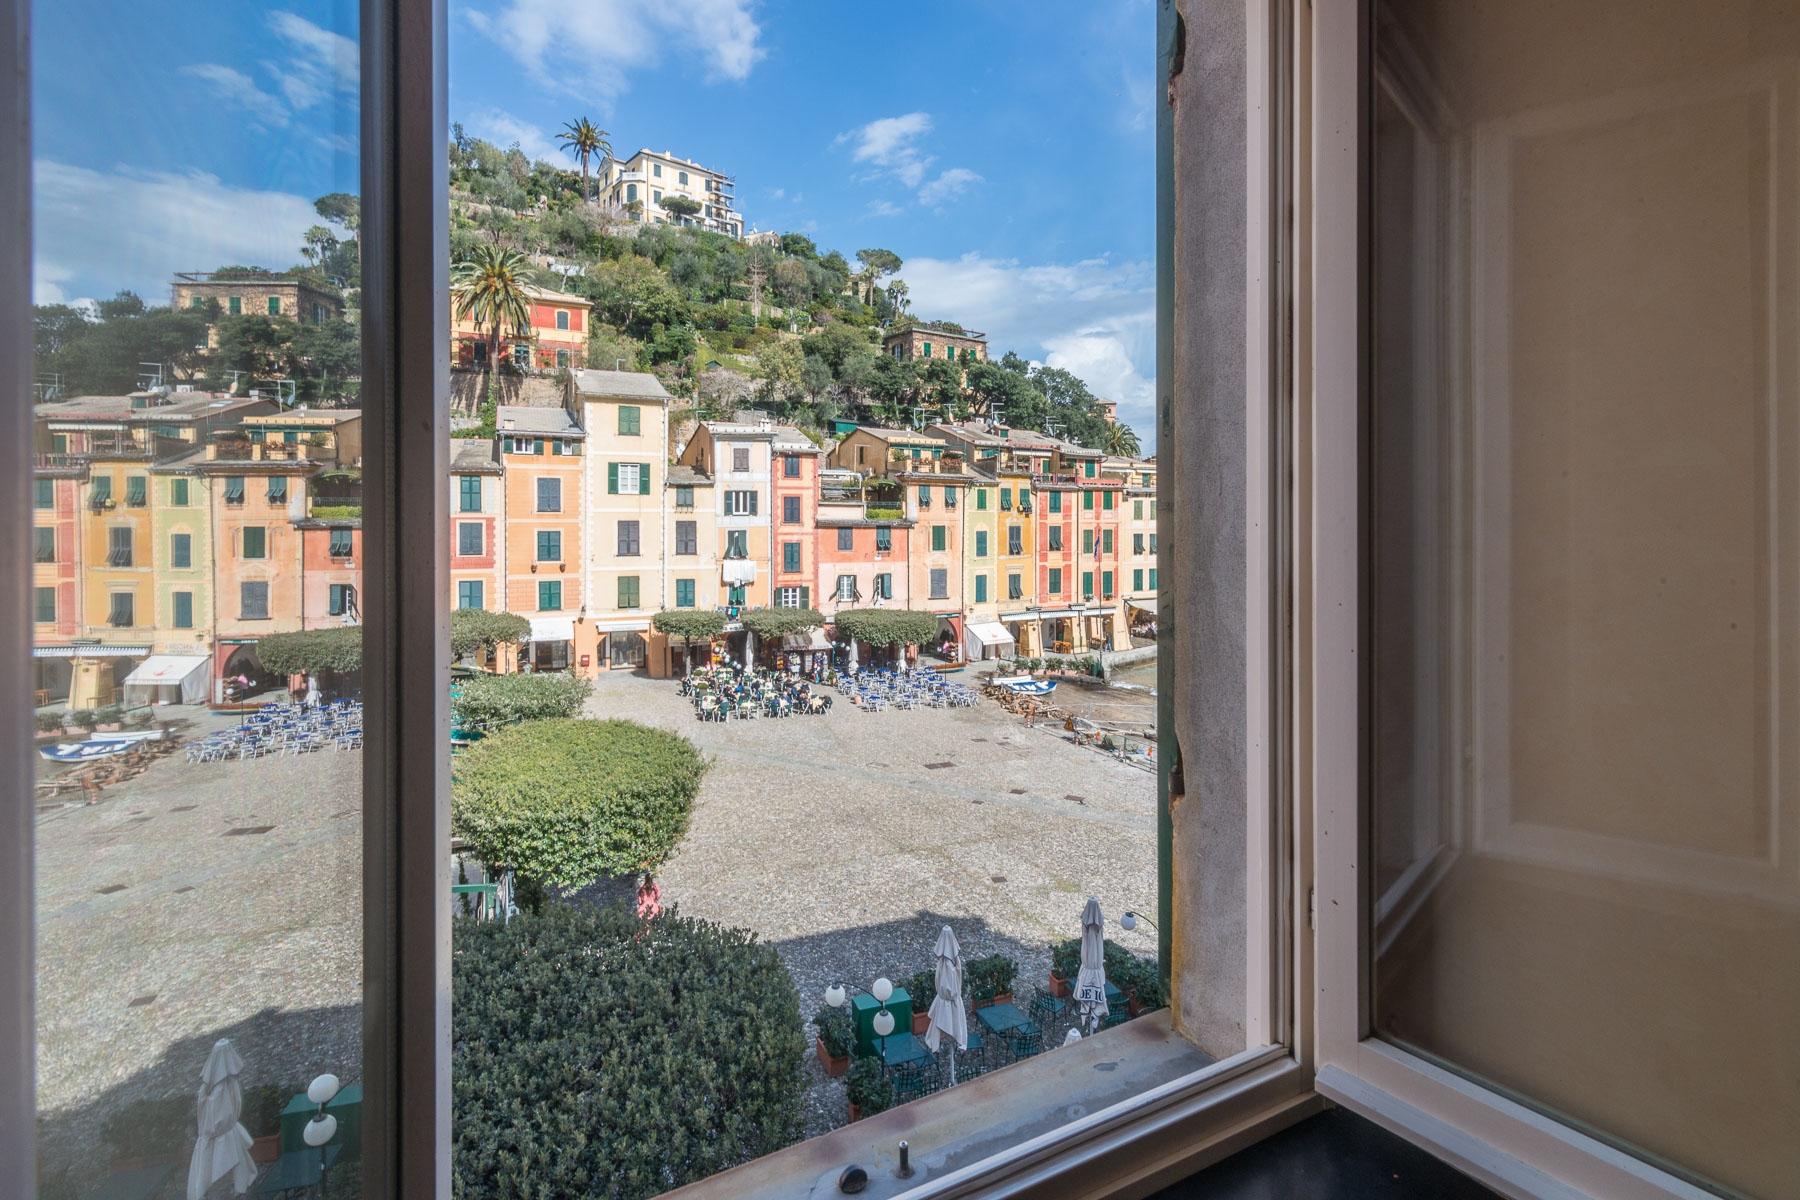 Appartamento in Vendita a Portofino piazza martiri dell'olivetta